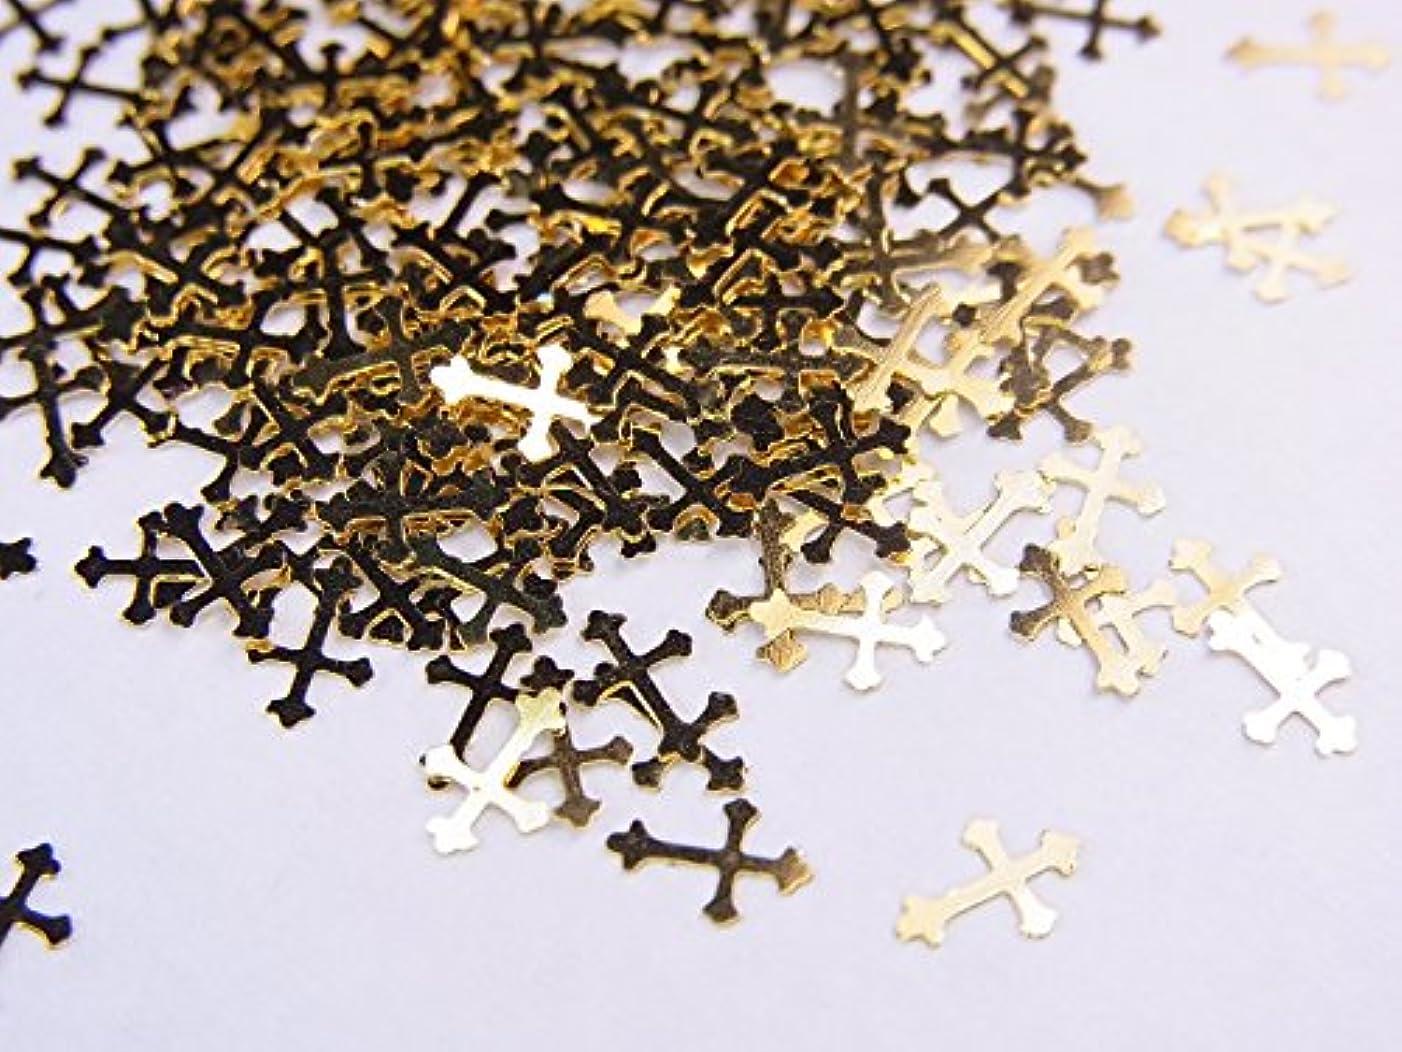 経済的寛大な運命的な【jewel】薄型ネイルパーツ ゴールド クロス十字架10個